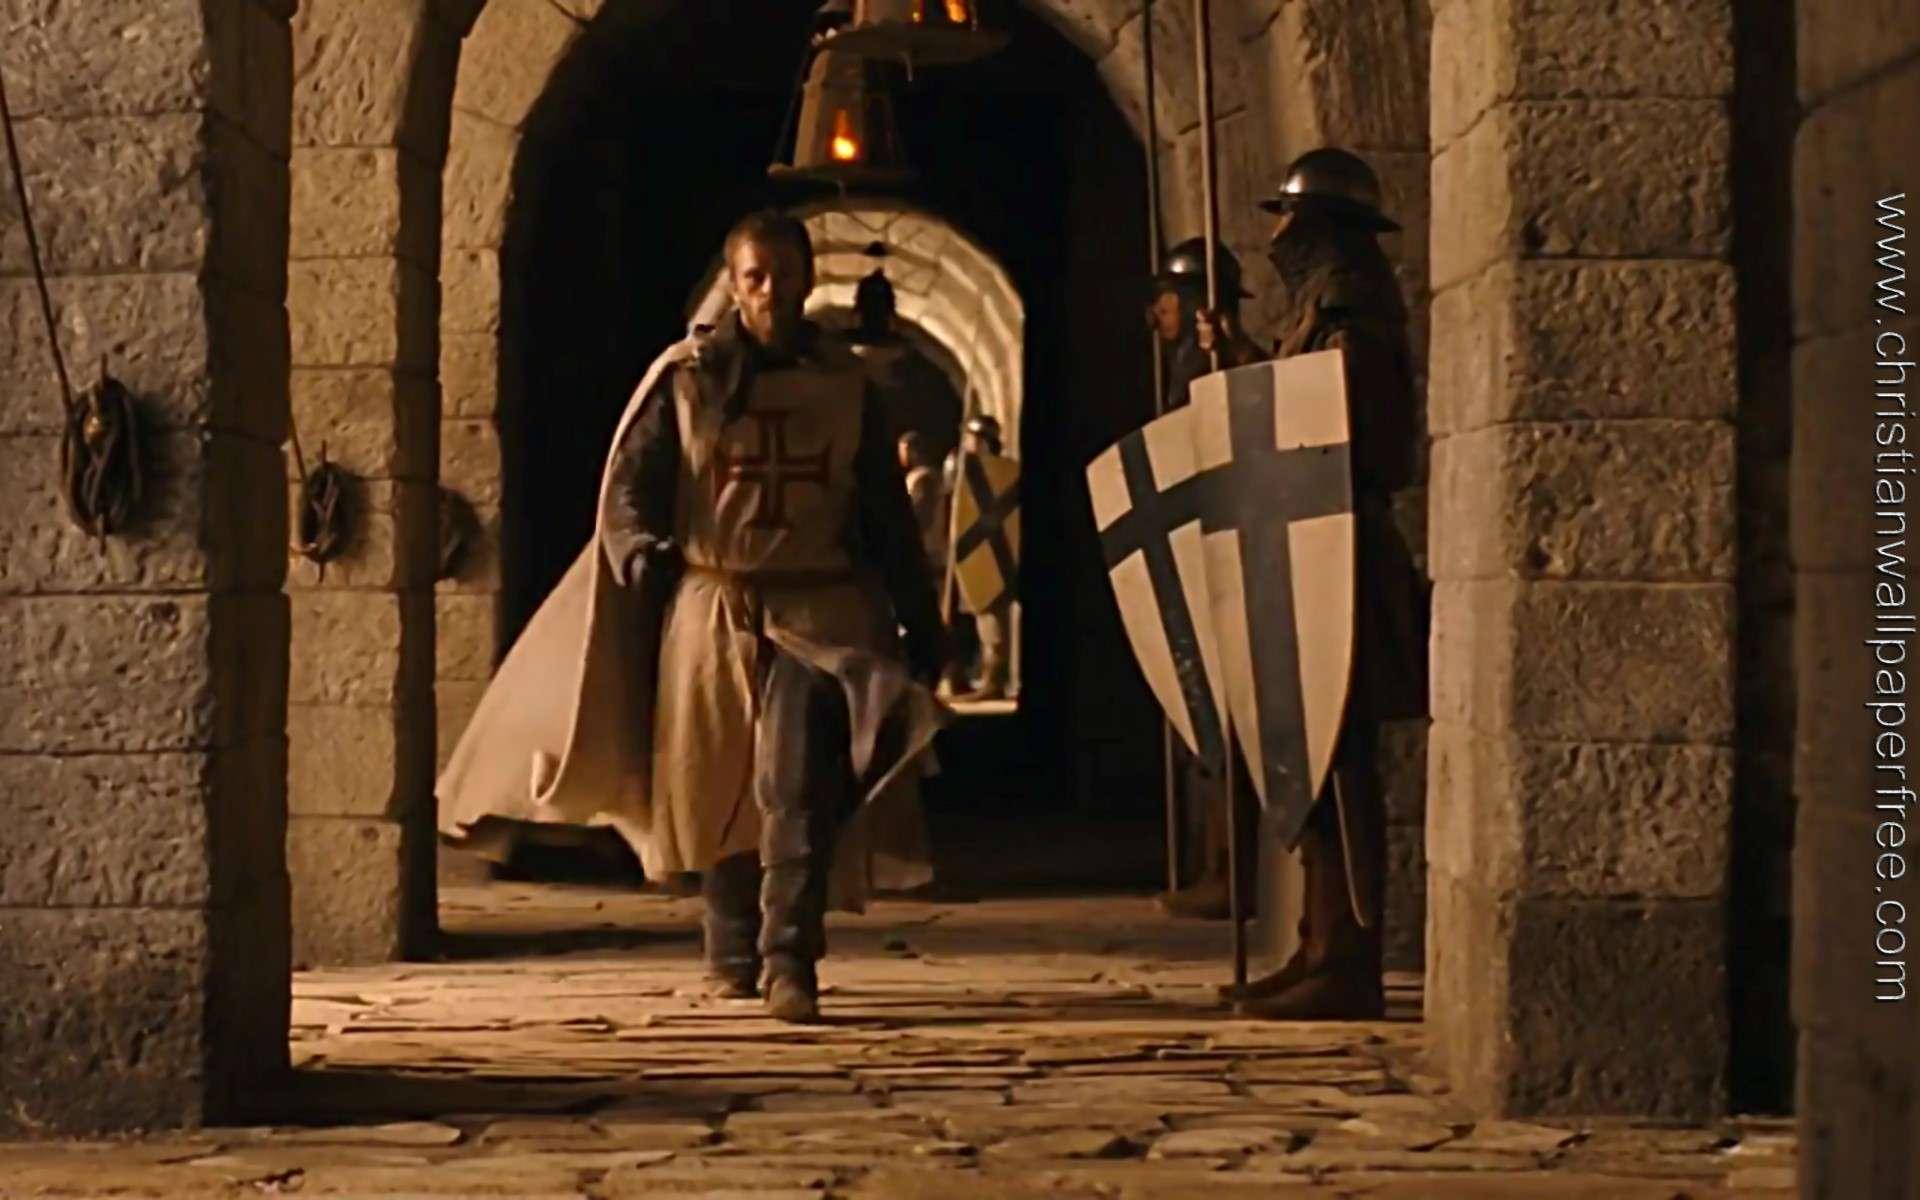 Arn - Tempelriddaren (Arn The Knight Templar)